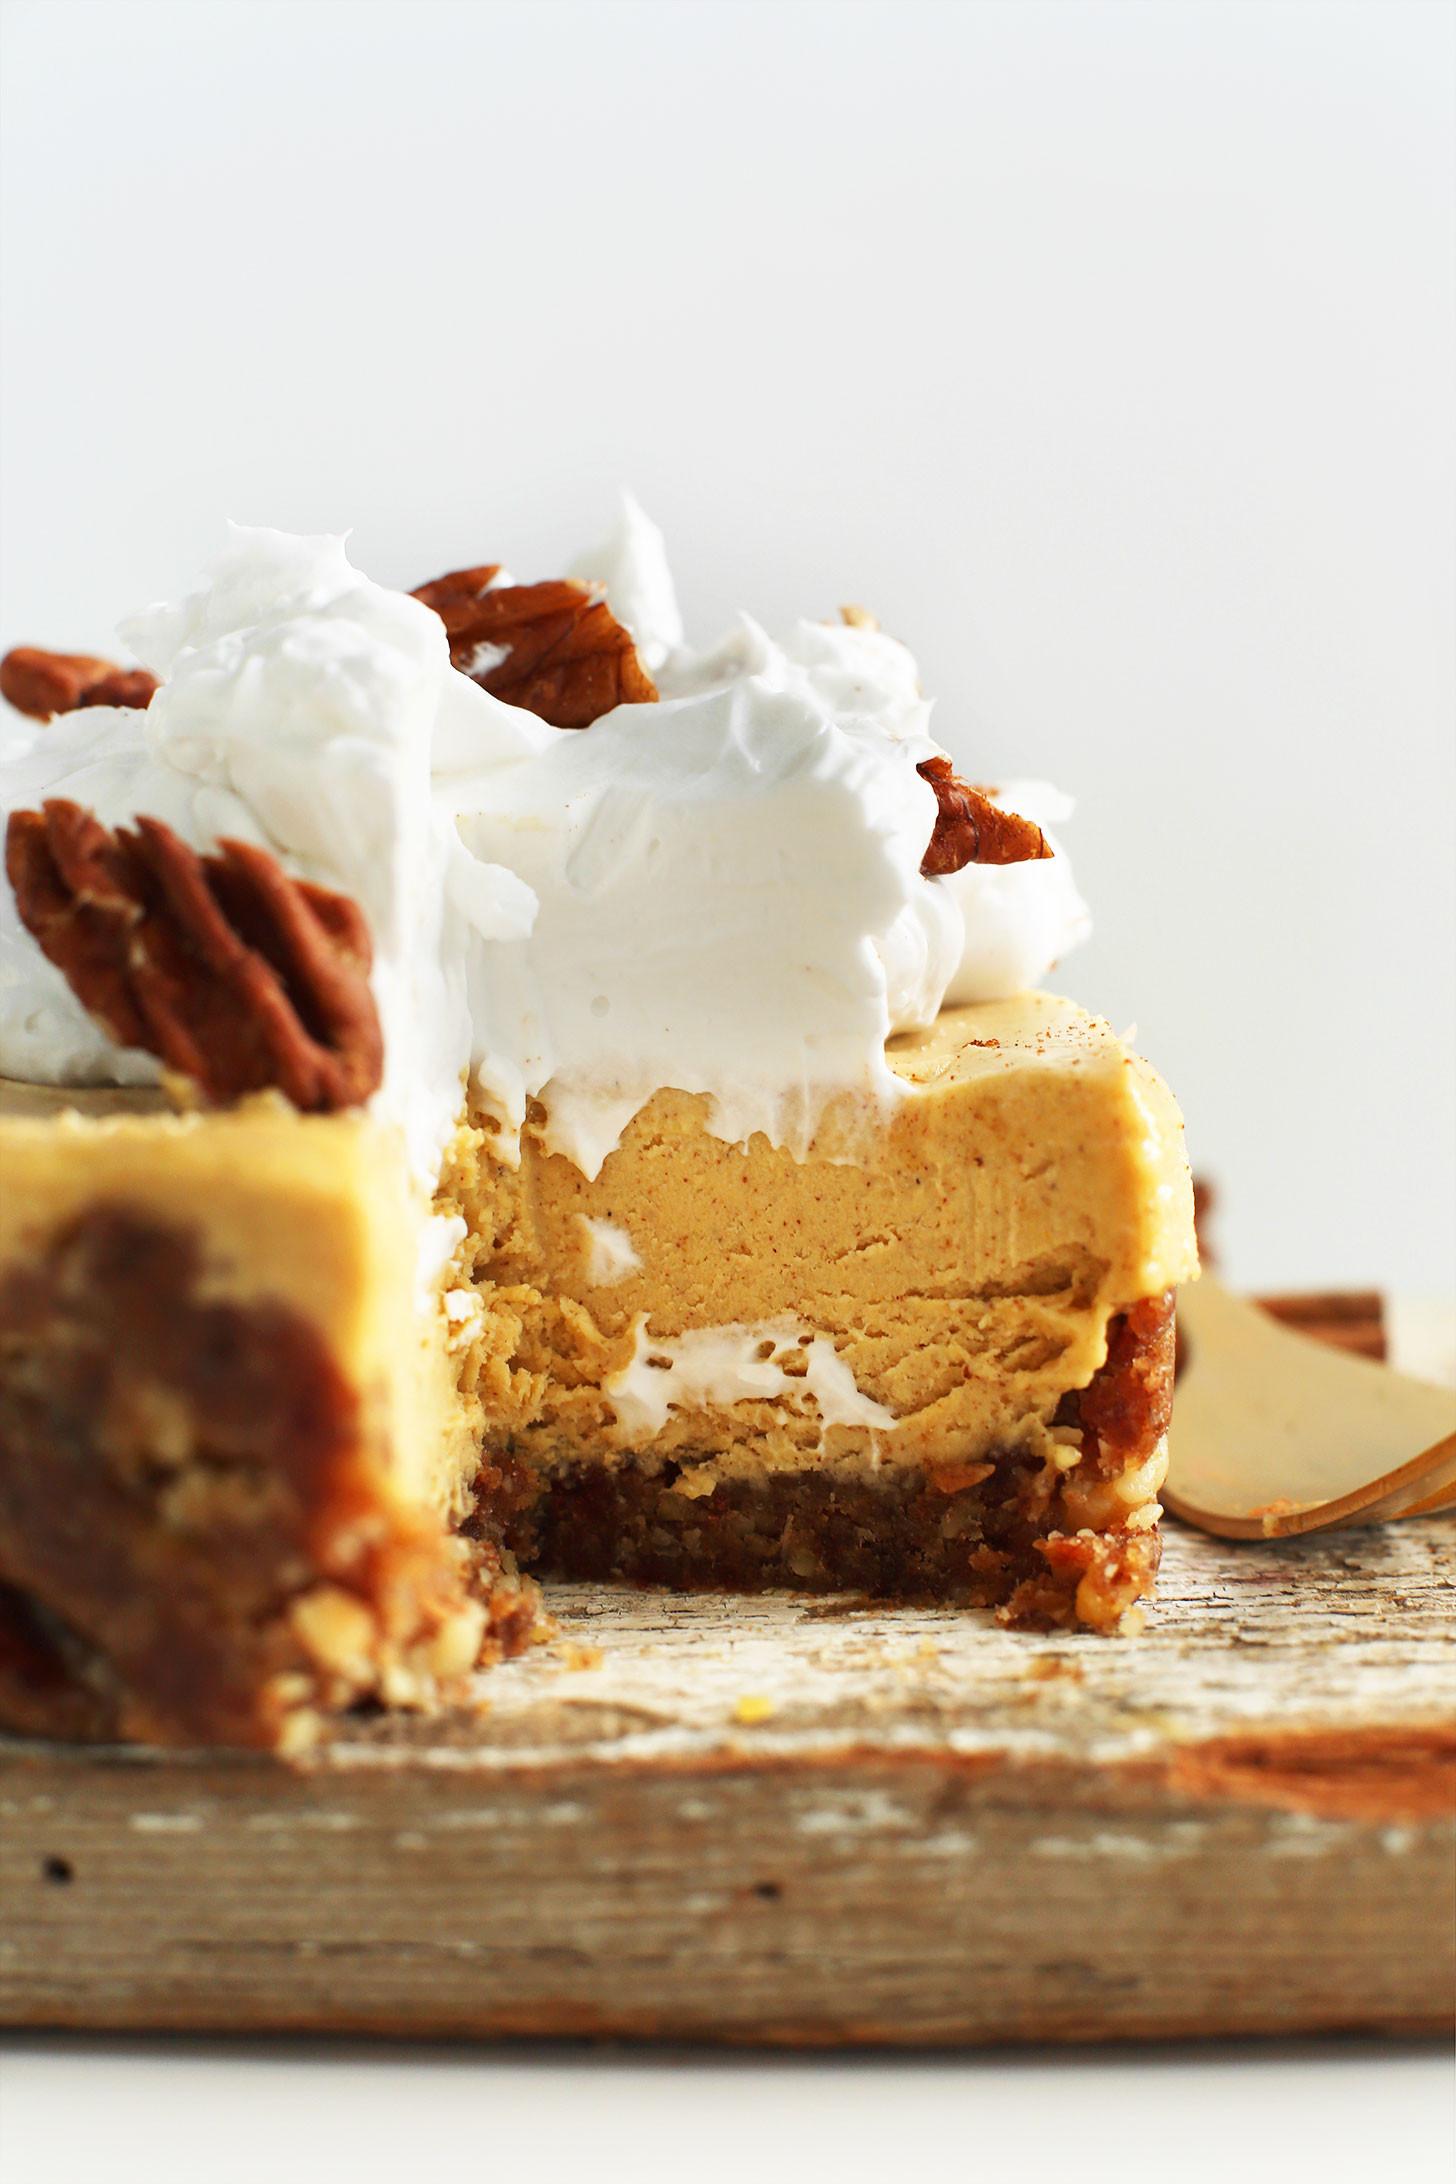 Pumpkin Dessert Recipes Healthy  Vegan Pumpkin Cheesecake